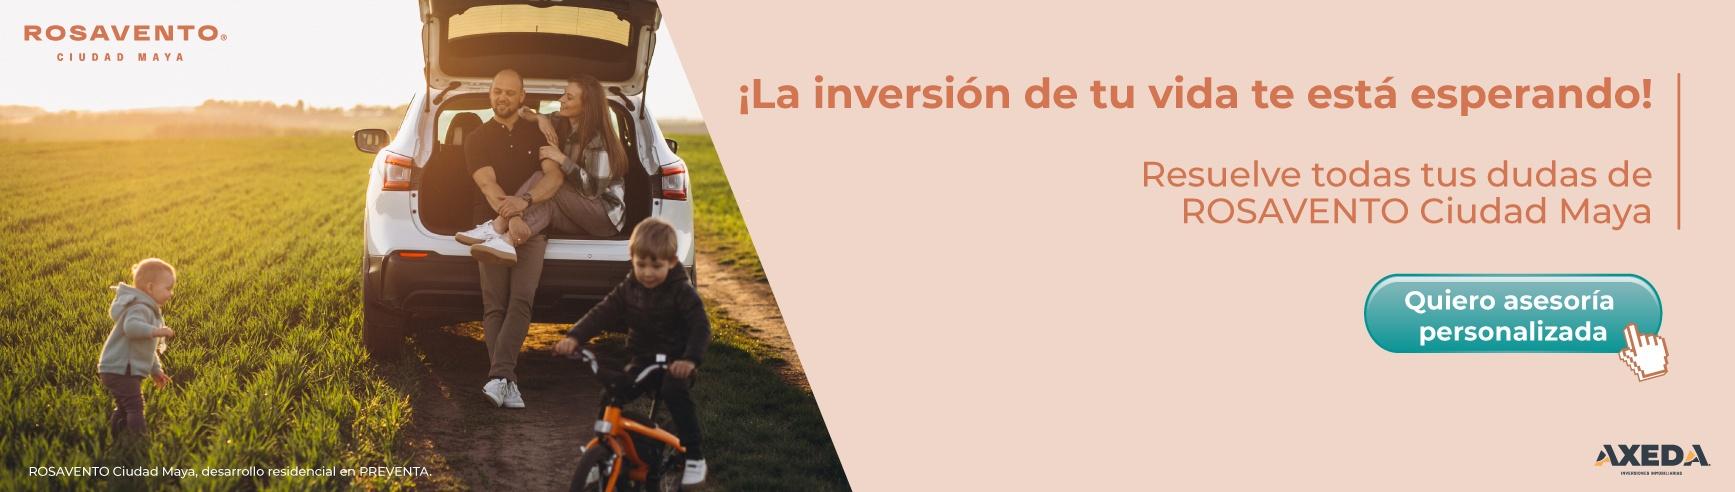 invierte-merida-rosavento